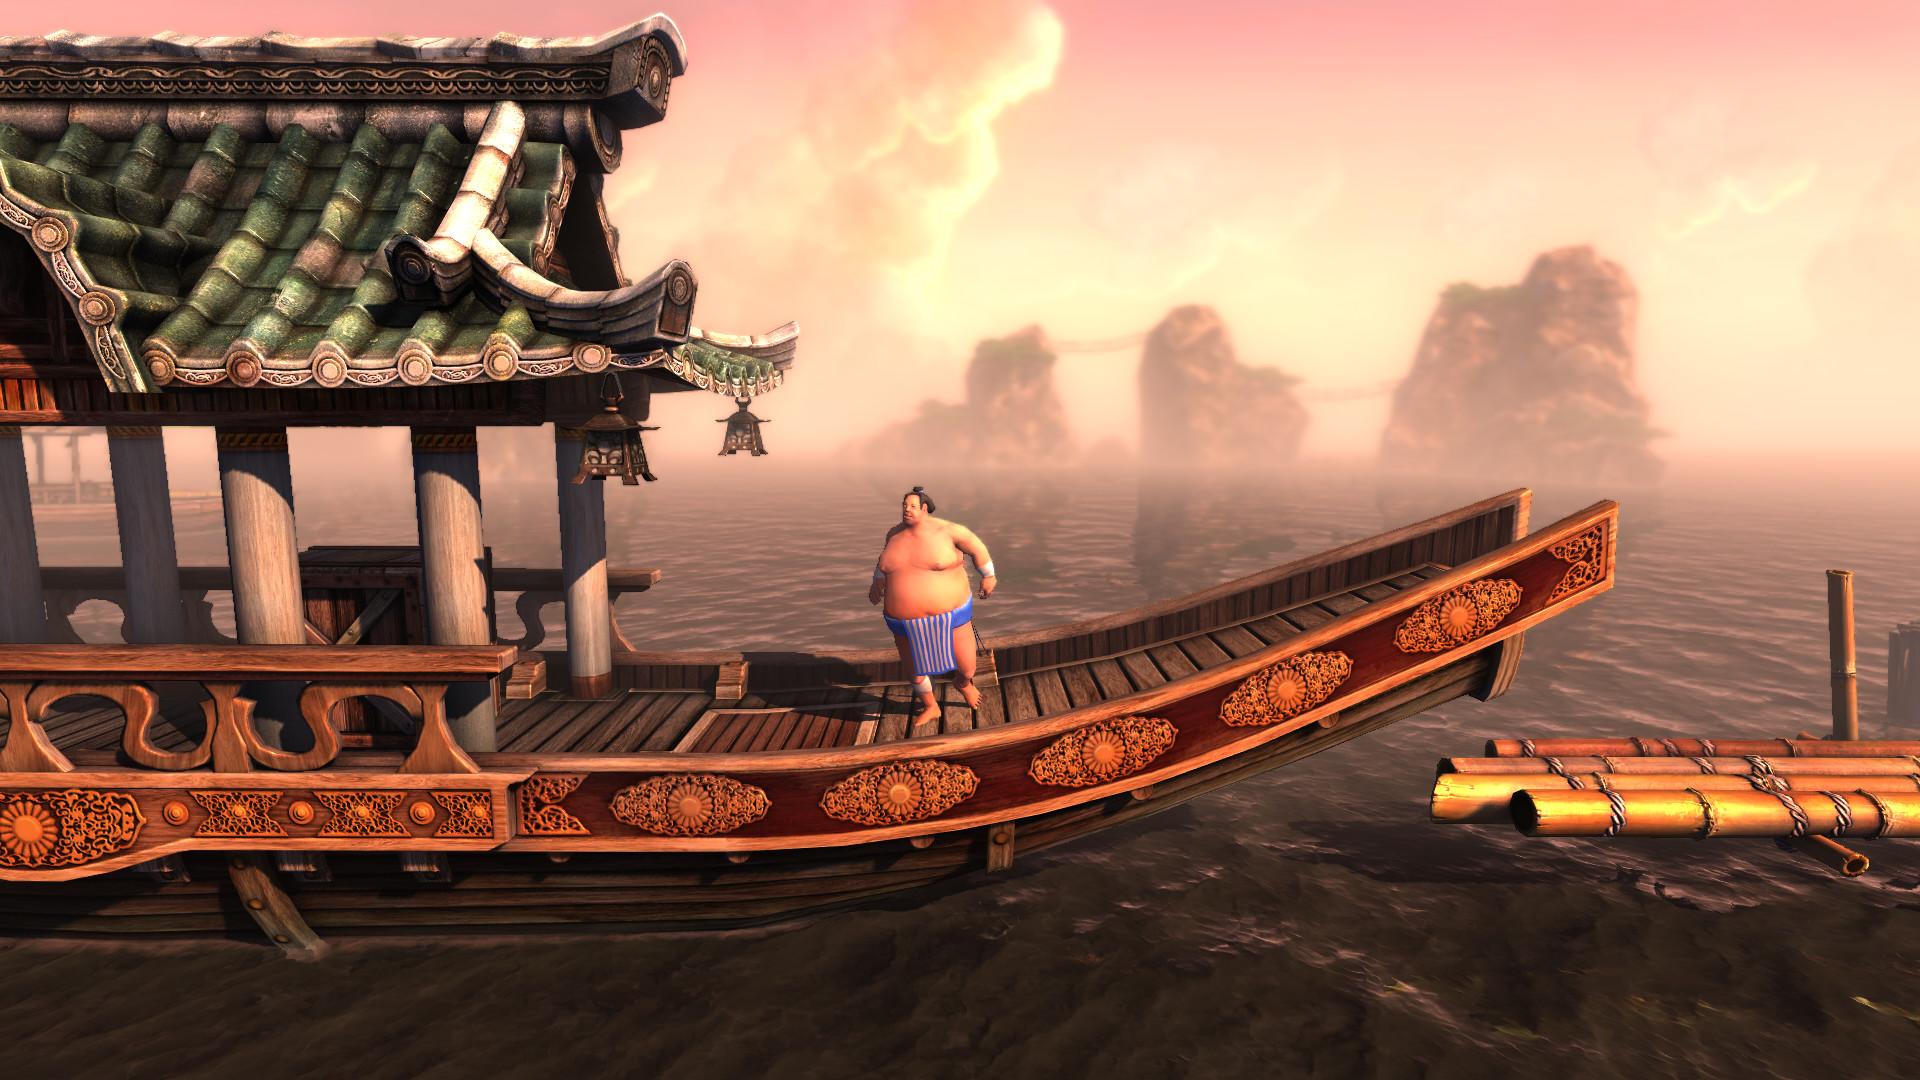 com.steam.552970-screenshot